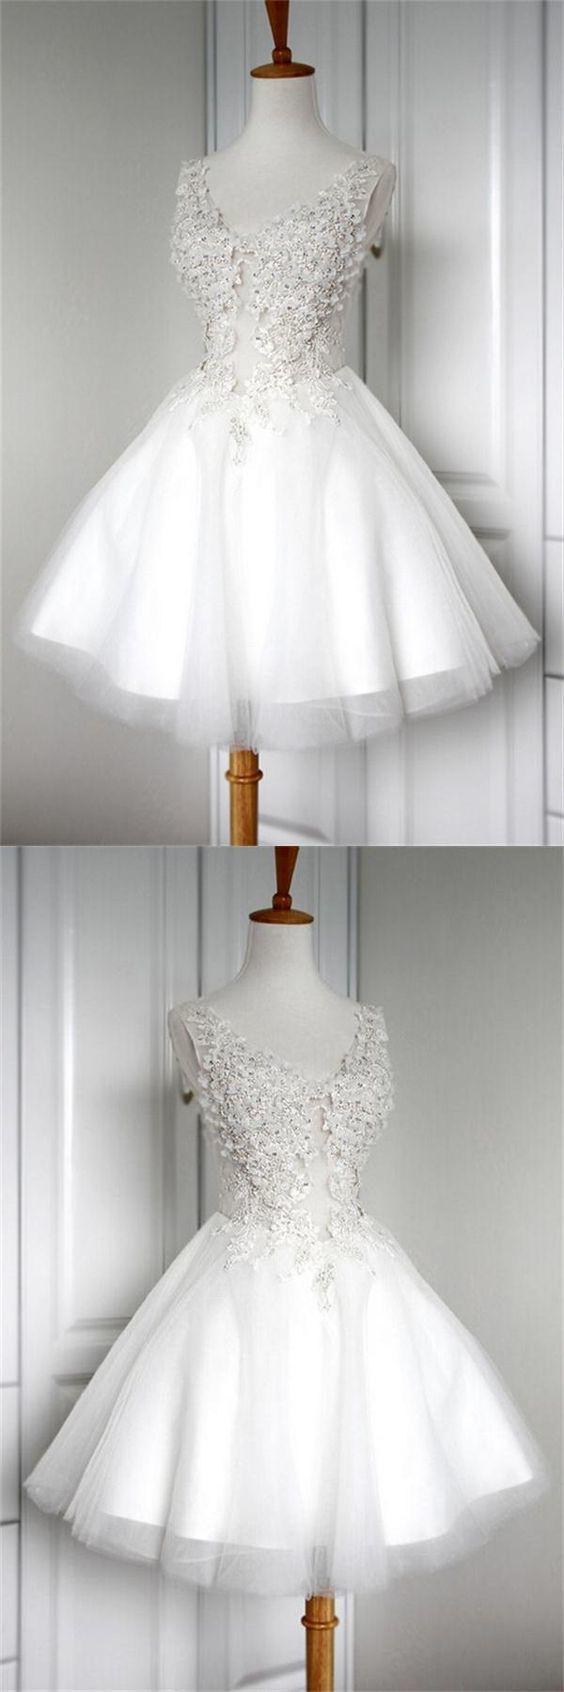 Cute prom dresses prom dresses lace prom dresses cheap white lace